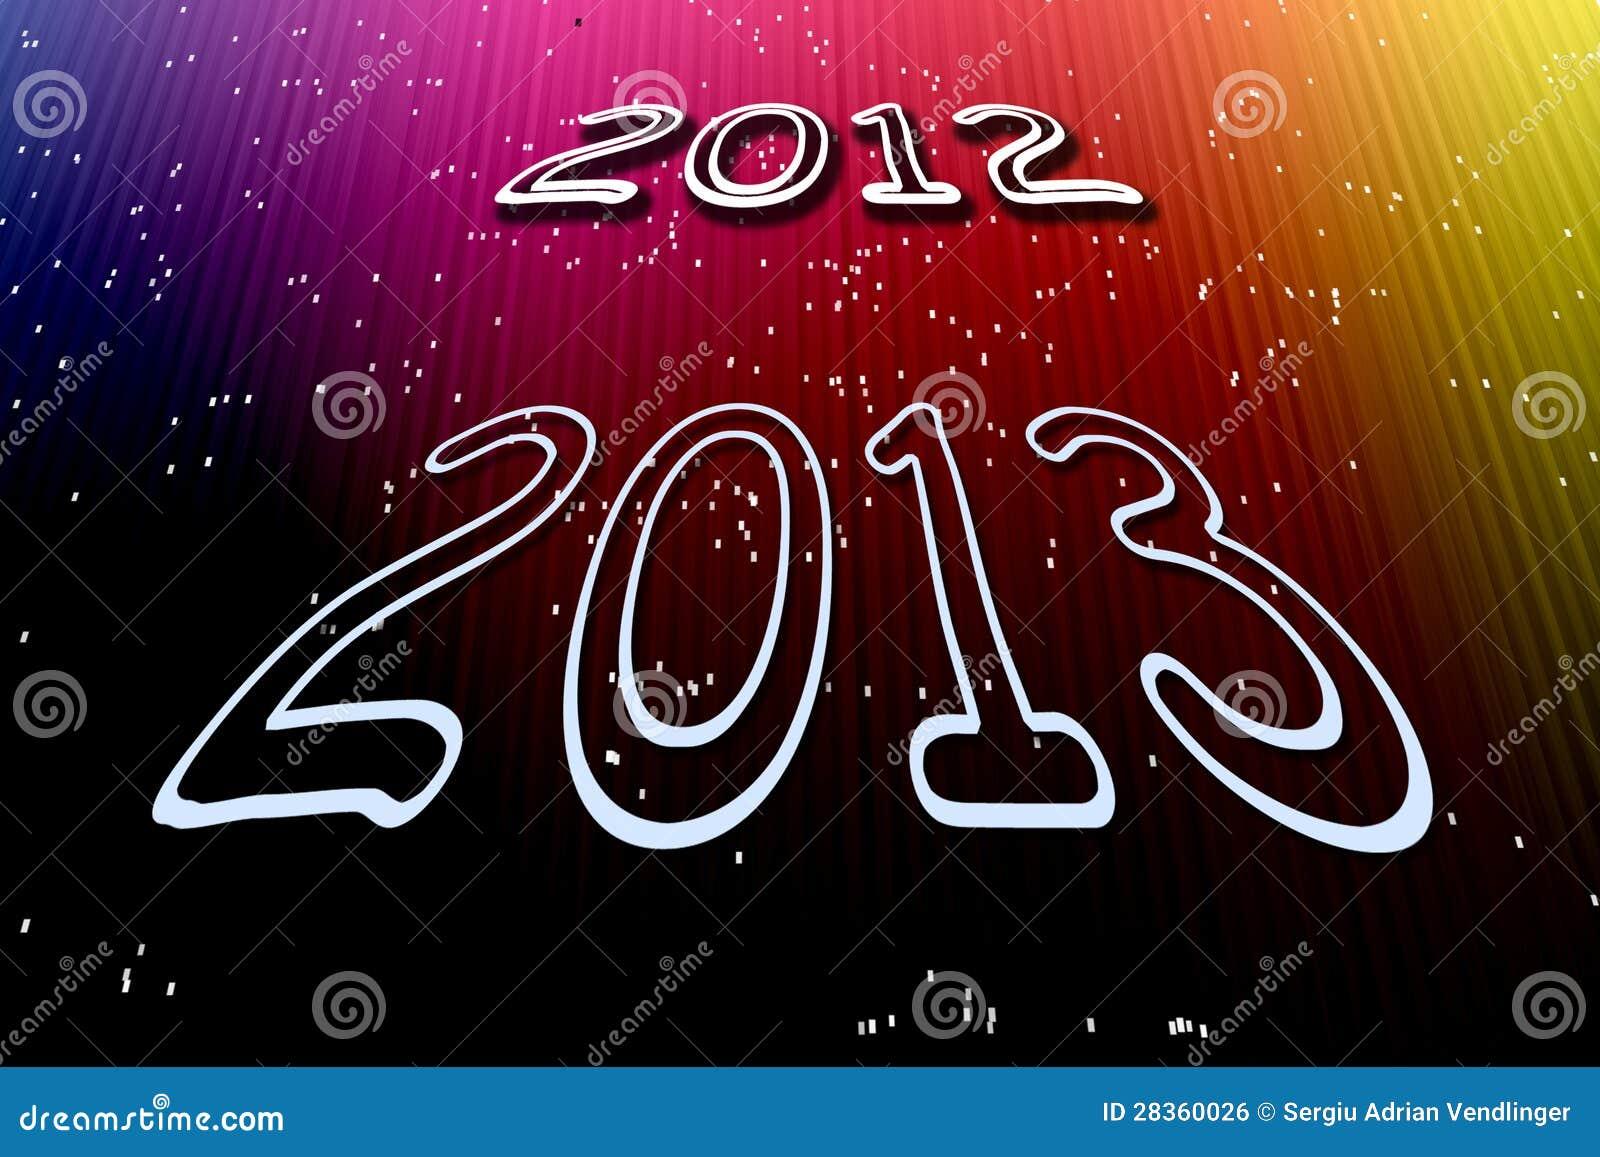 An neuf 2013